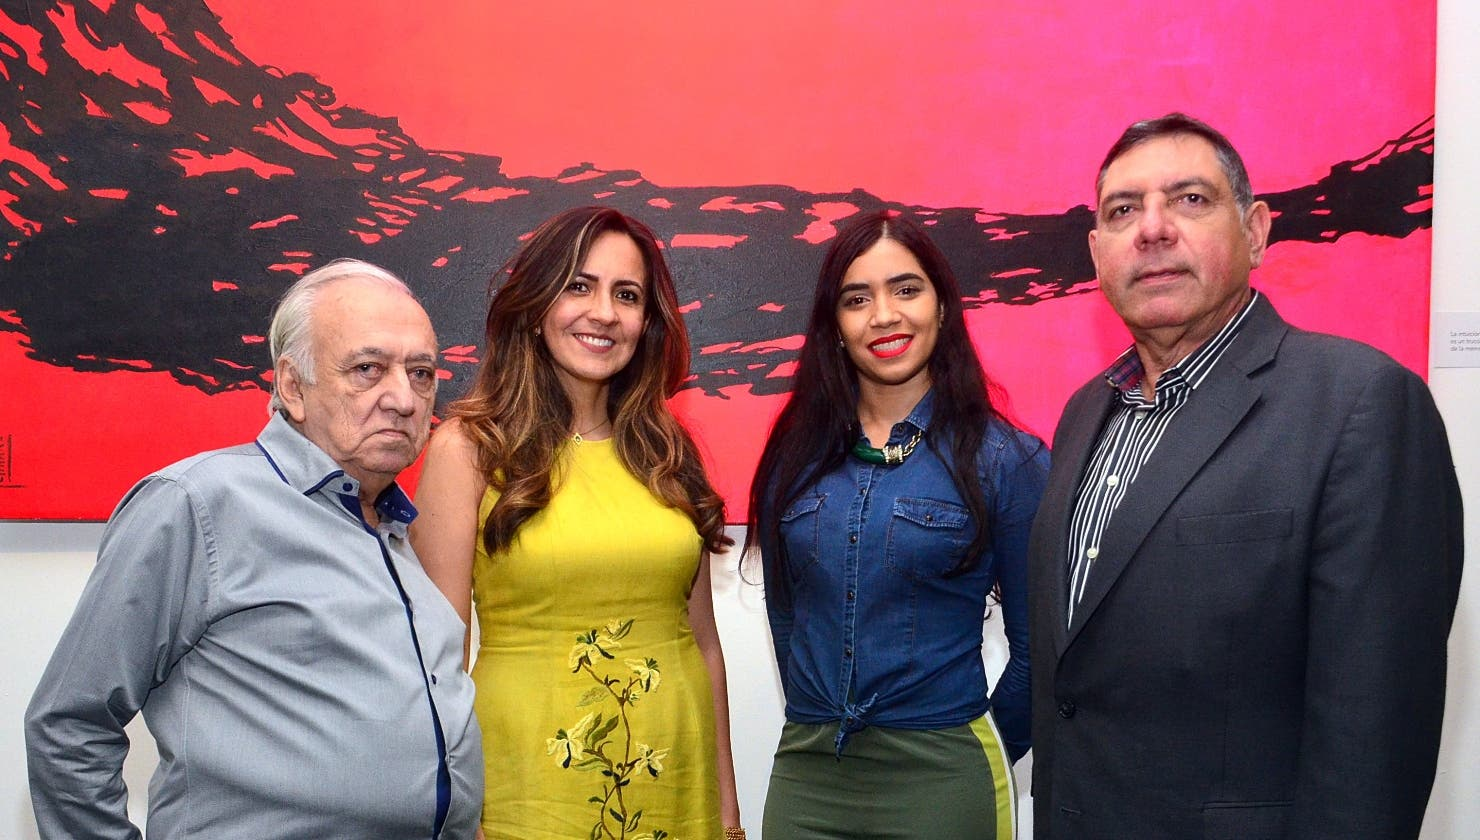 District & Co., inaugura exposición artista Jennaro González Pacheco